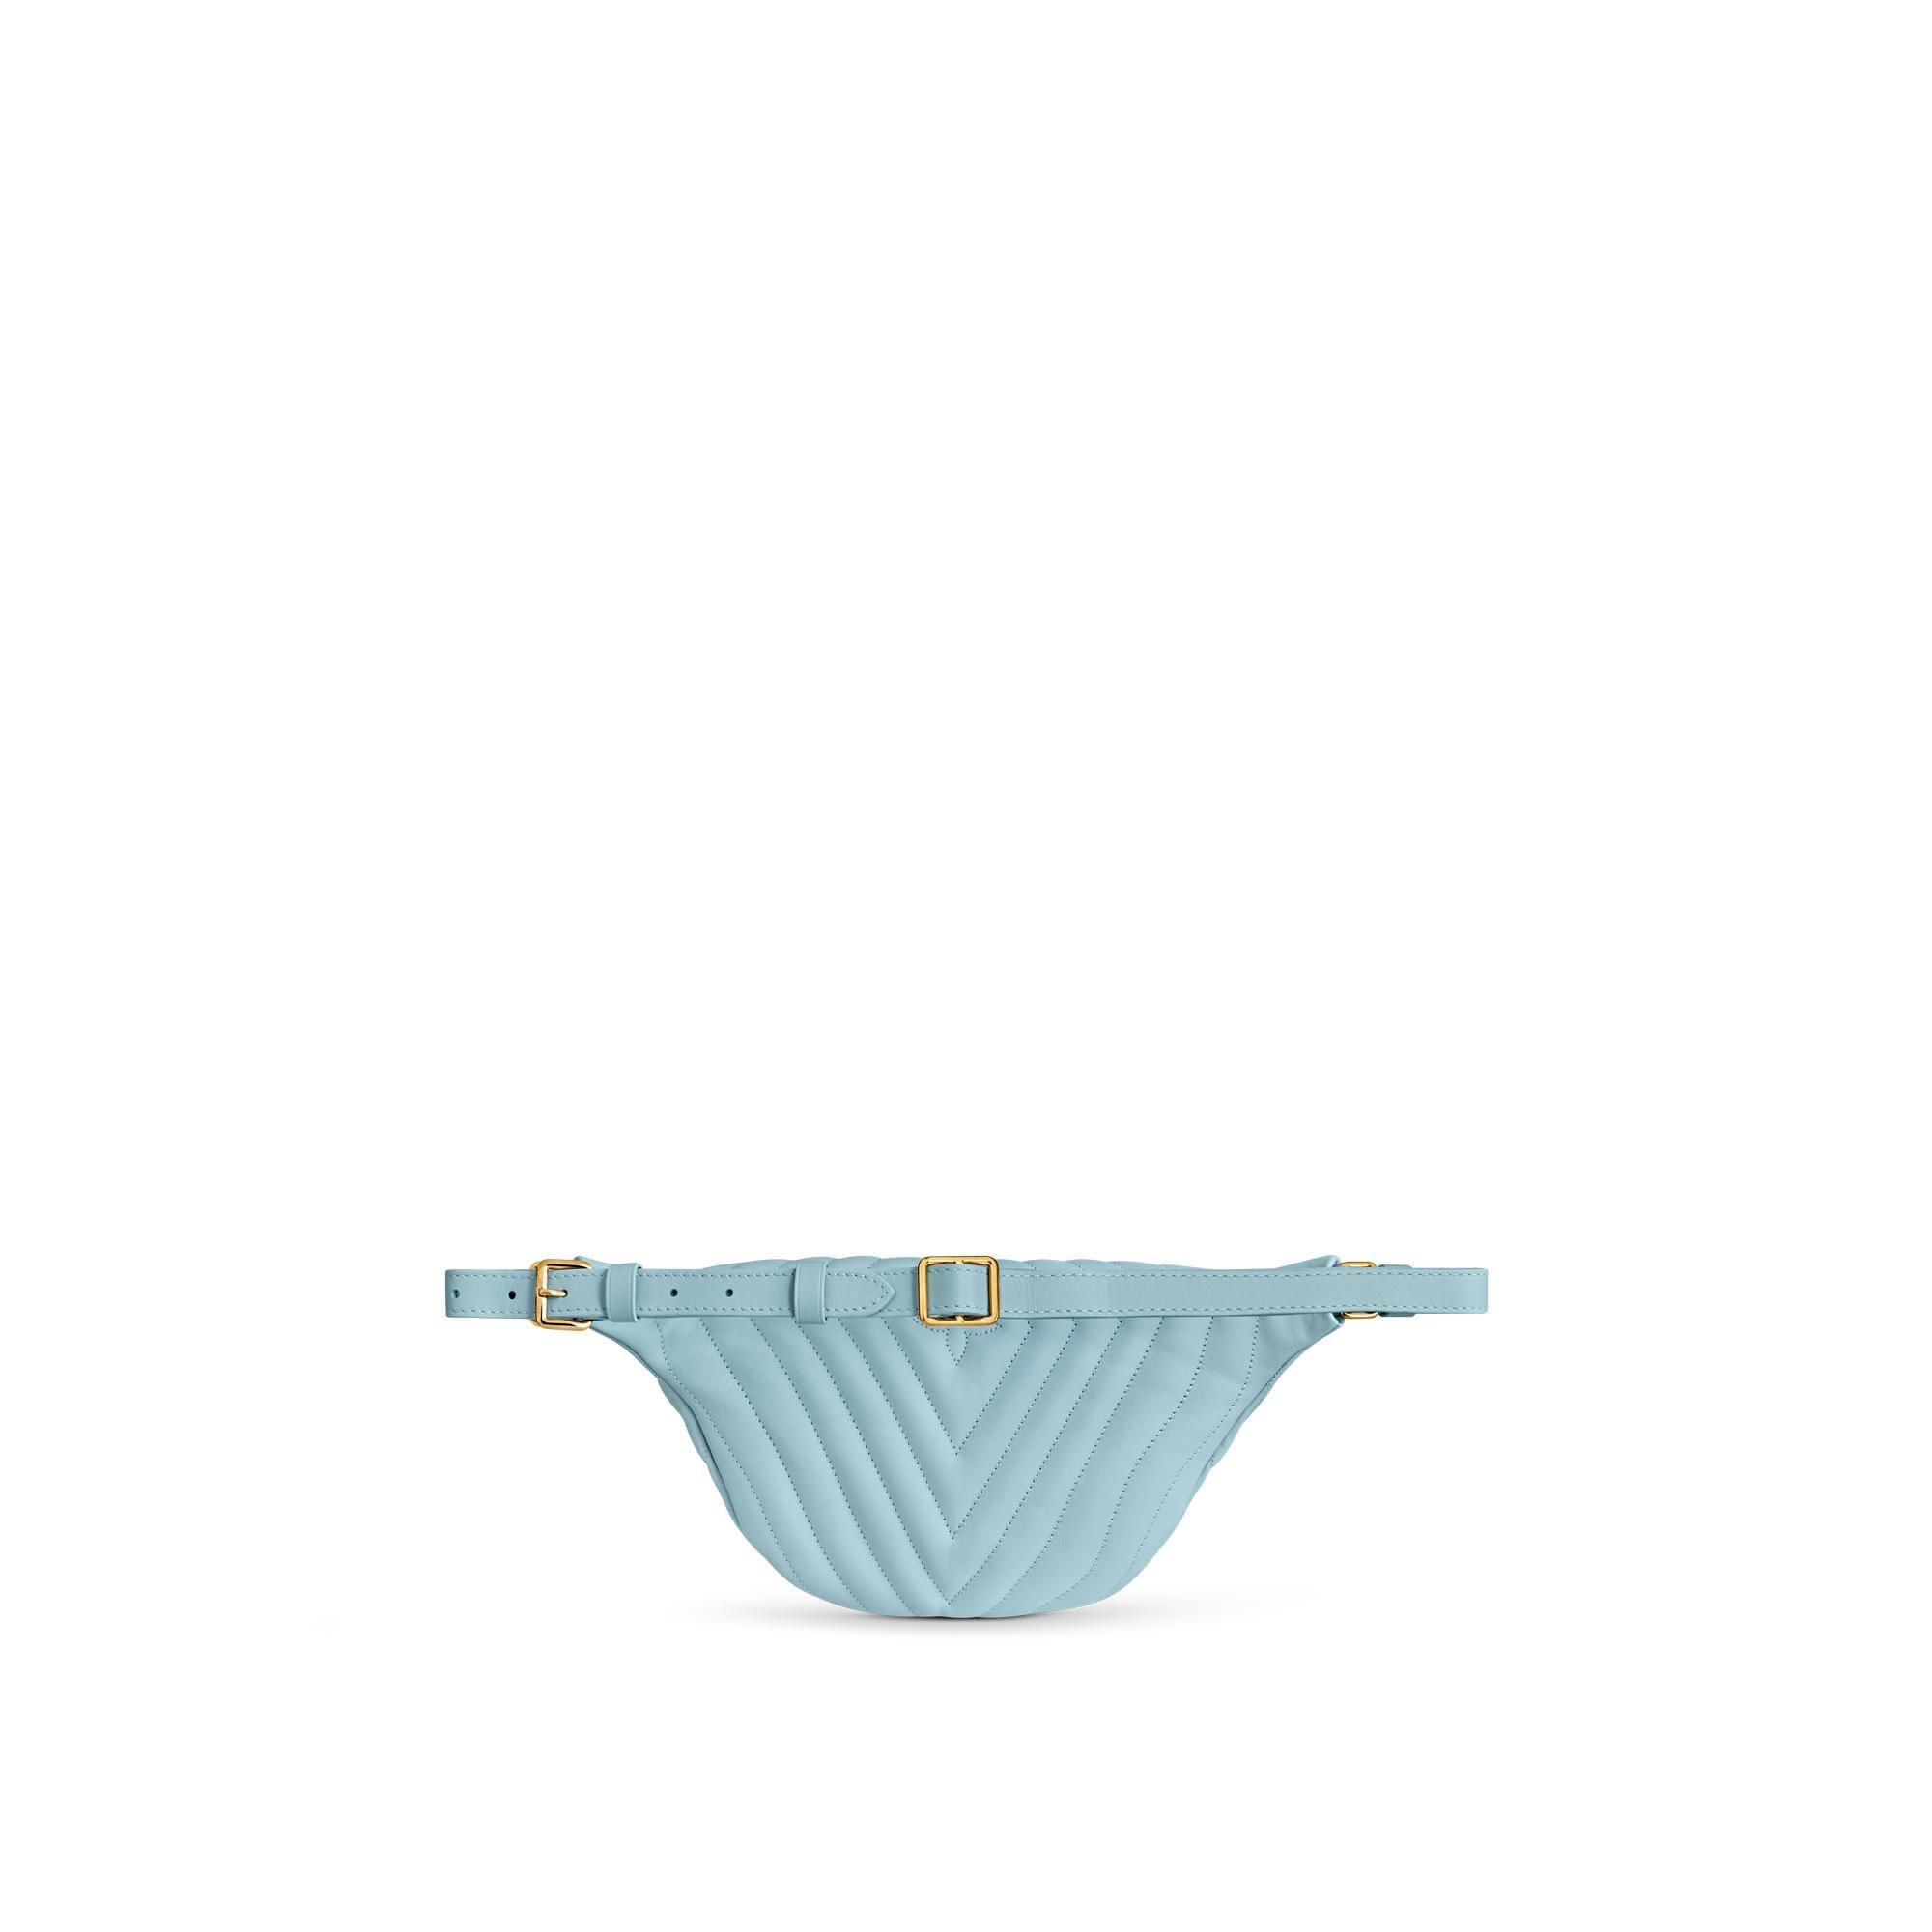 유럽직배송 루이비통 LOUIS VUITTON Louis Vuitton New Wave Bumbag M55331